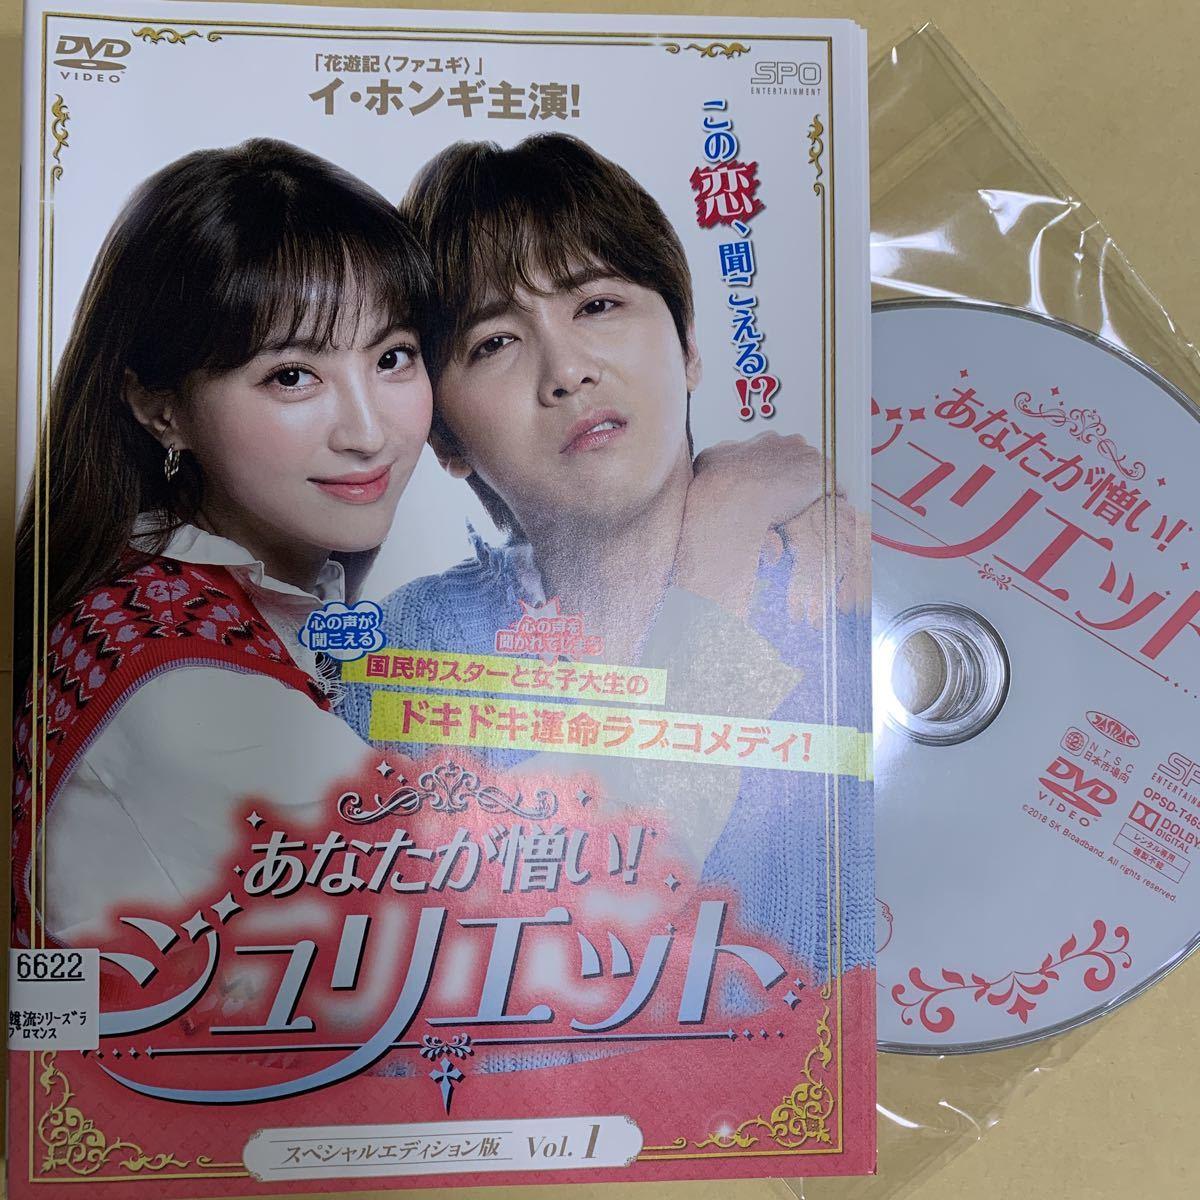 あなたが憎い!ジュリエット  DVD 韓国ドラマ 全巻セット